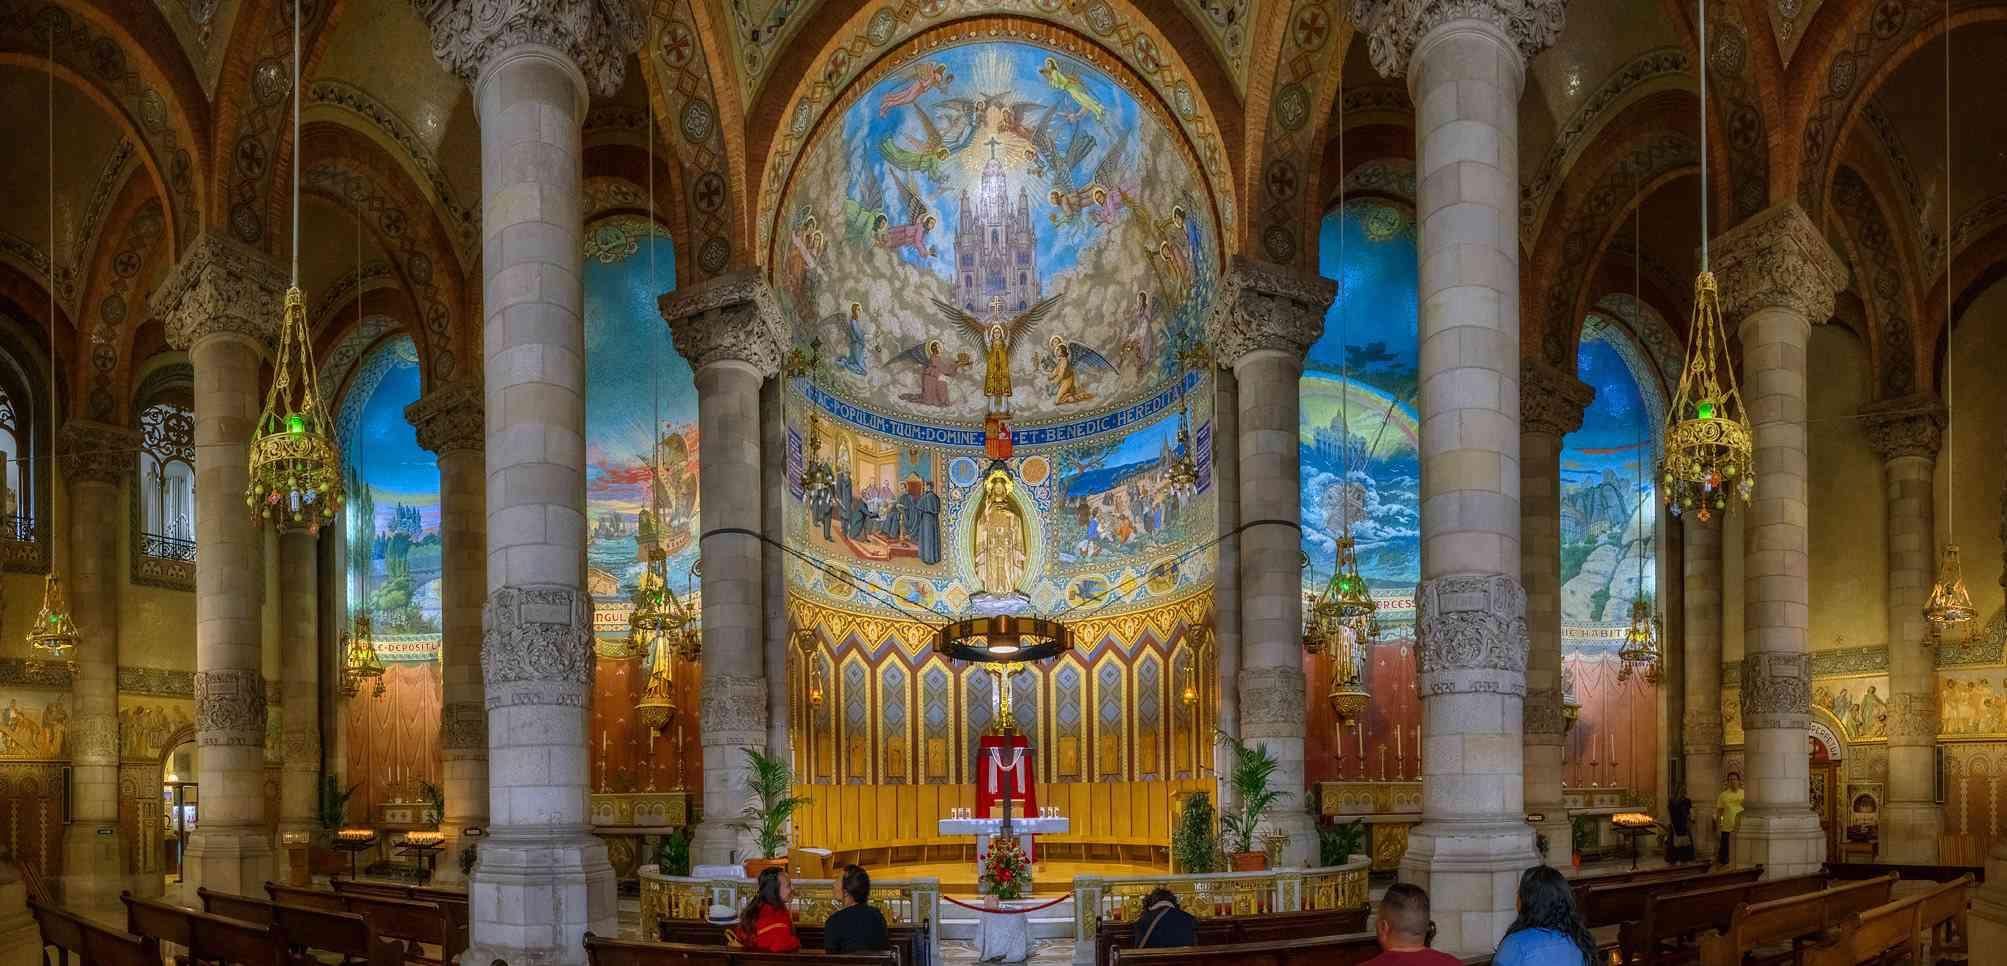 Templo del Sagrado Corazon de Jesus interior